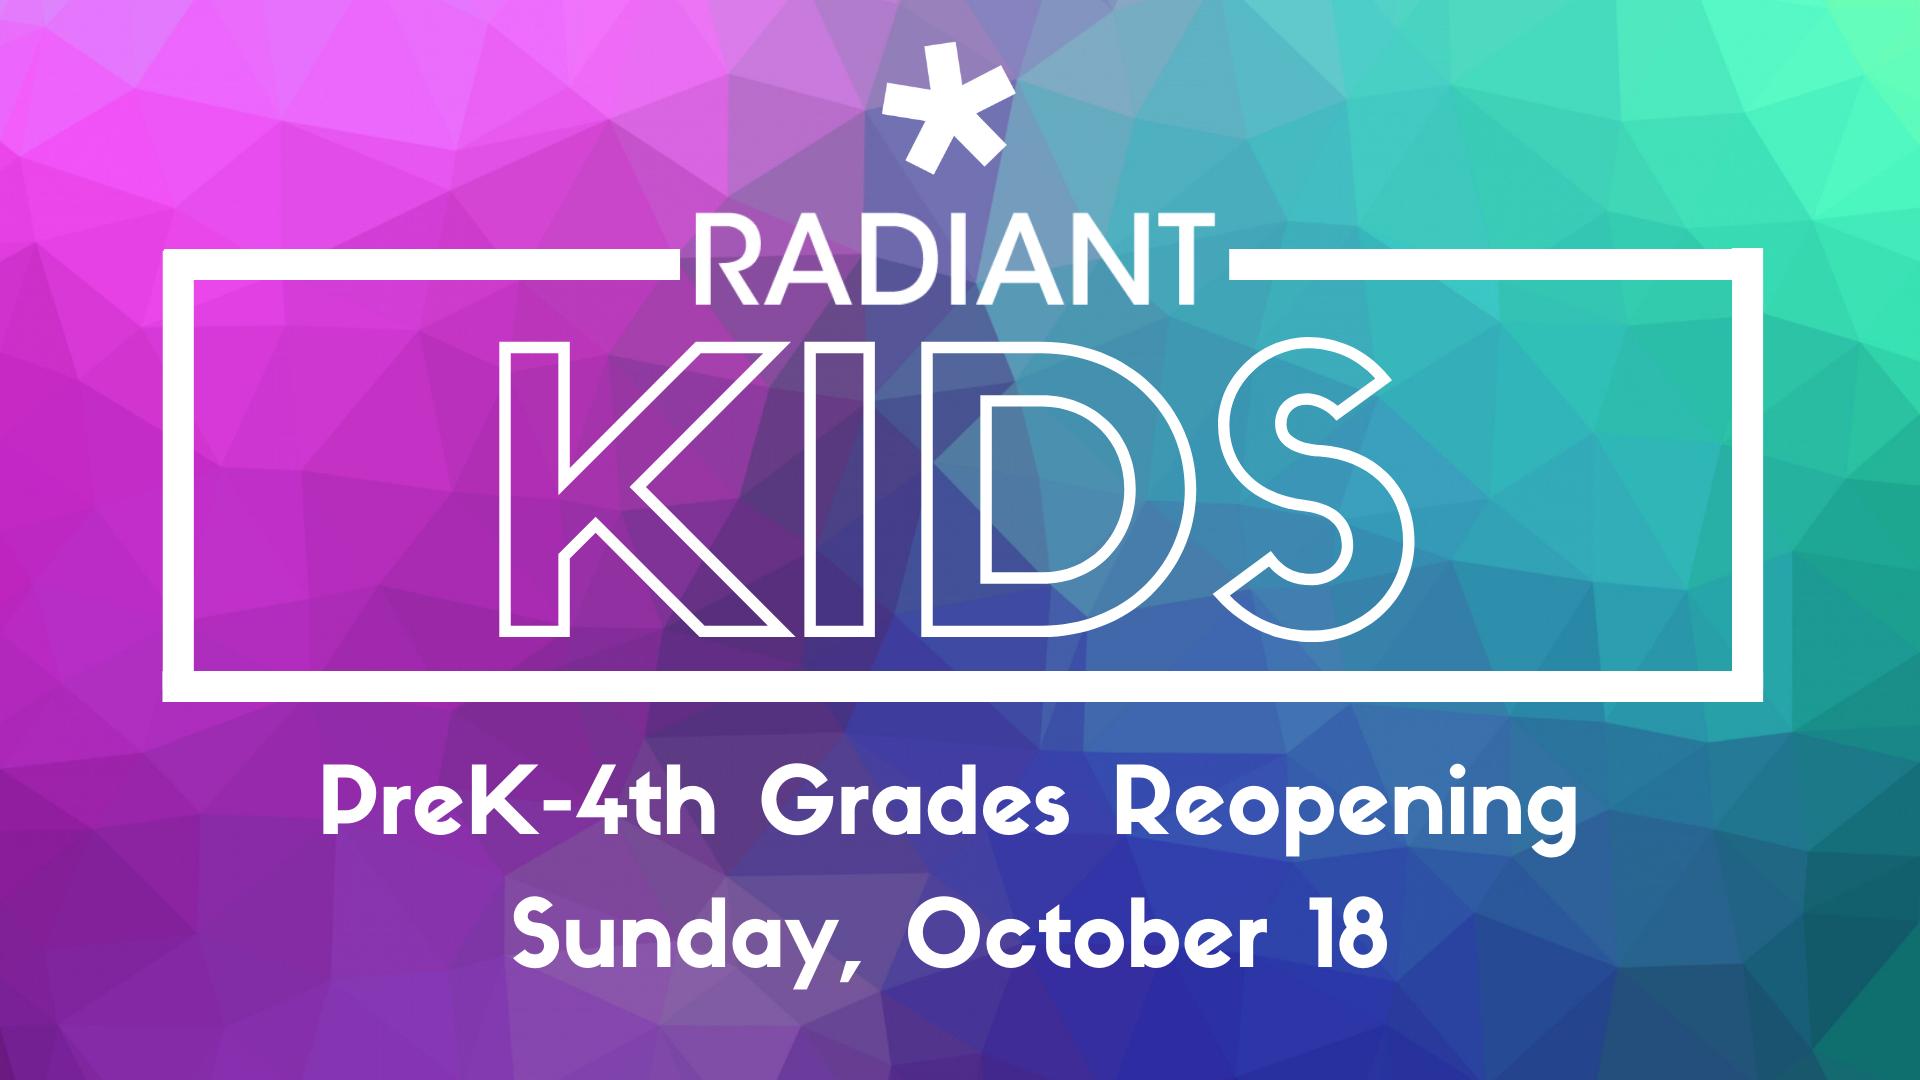 [Update] Radiant Kids Reopening Plan